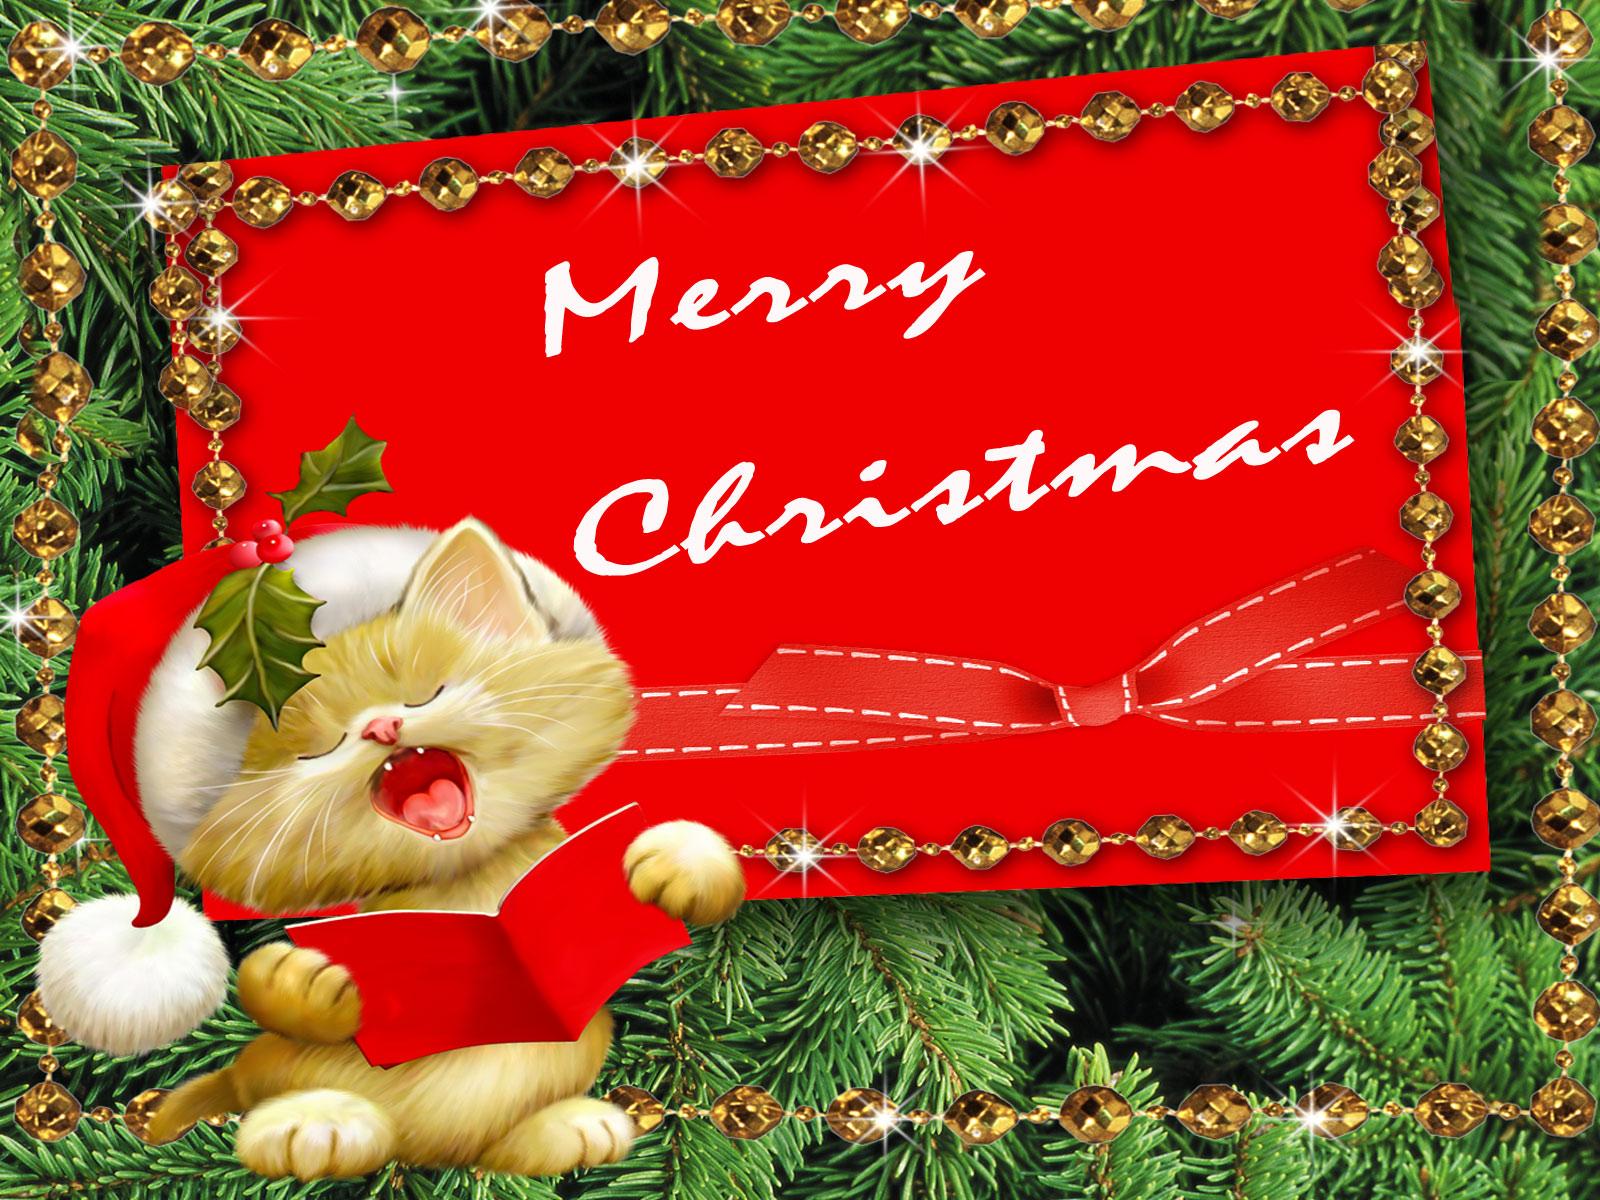 Free Merry Christmas Kitten computer desktop wallpaper